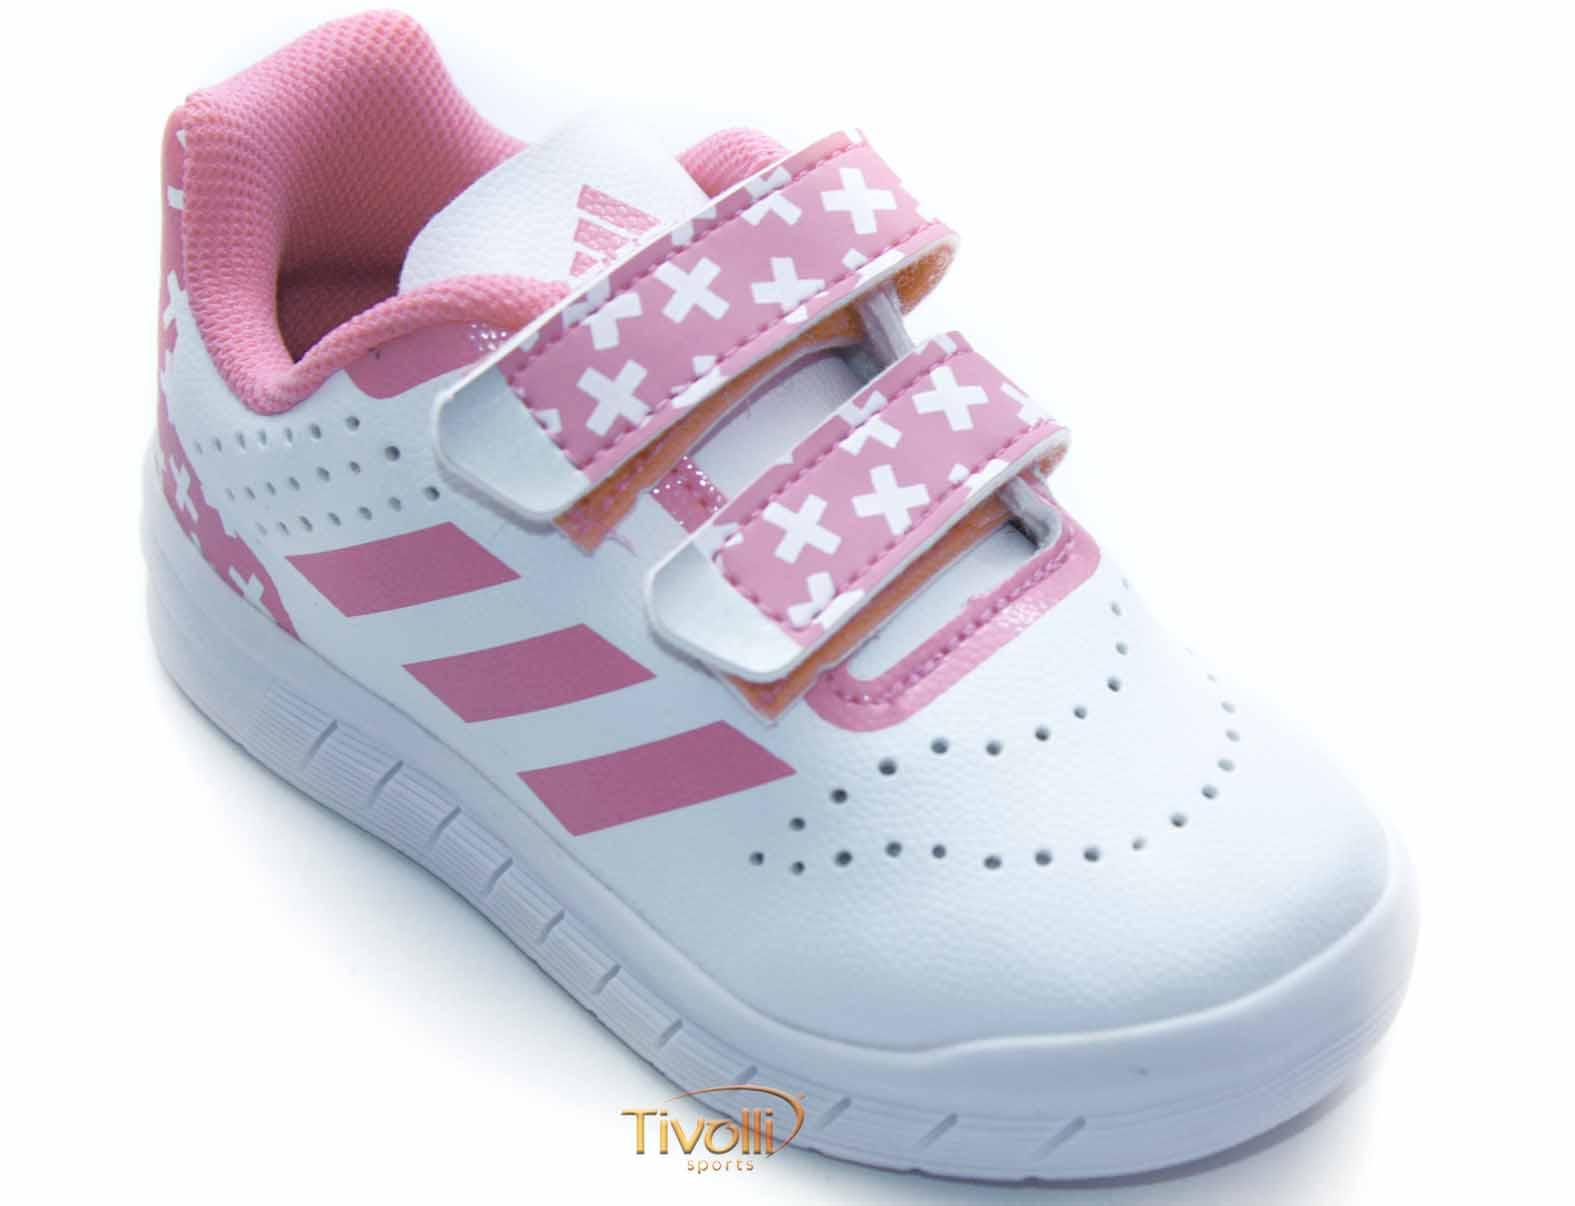 bd6bf39299 Tênis Adidas QuickSport CF I   Infantil Branco e Rosa